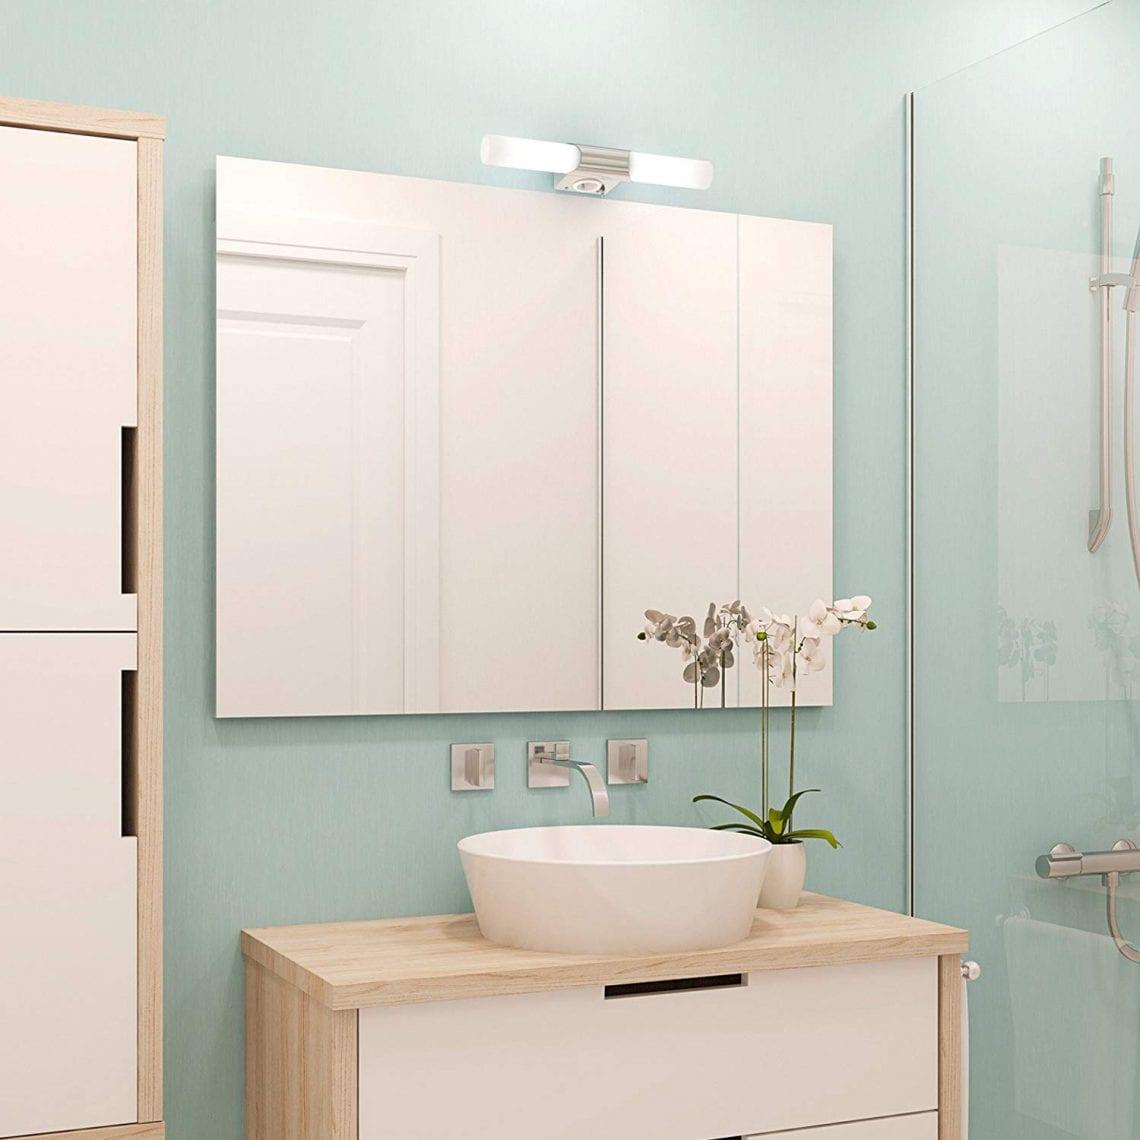 Quelle applique salle de bain utiliser ? - Zone Led